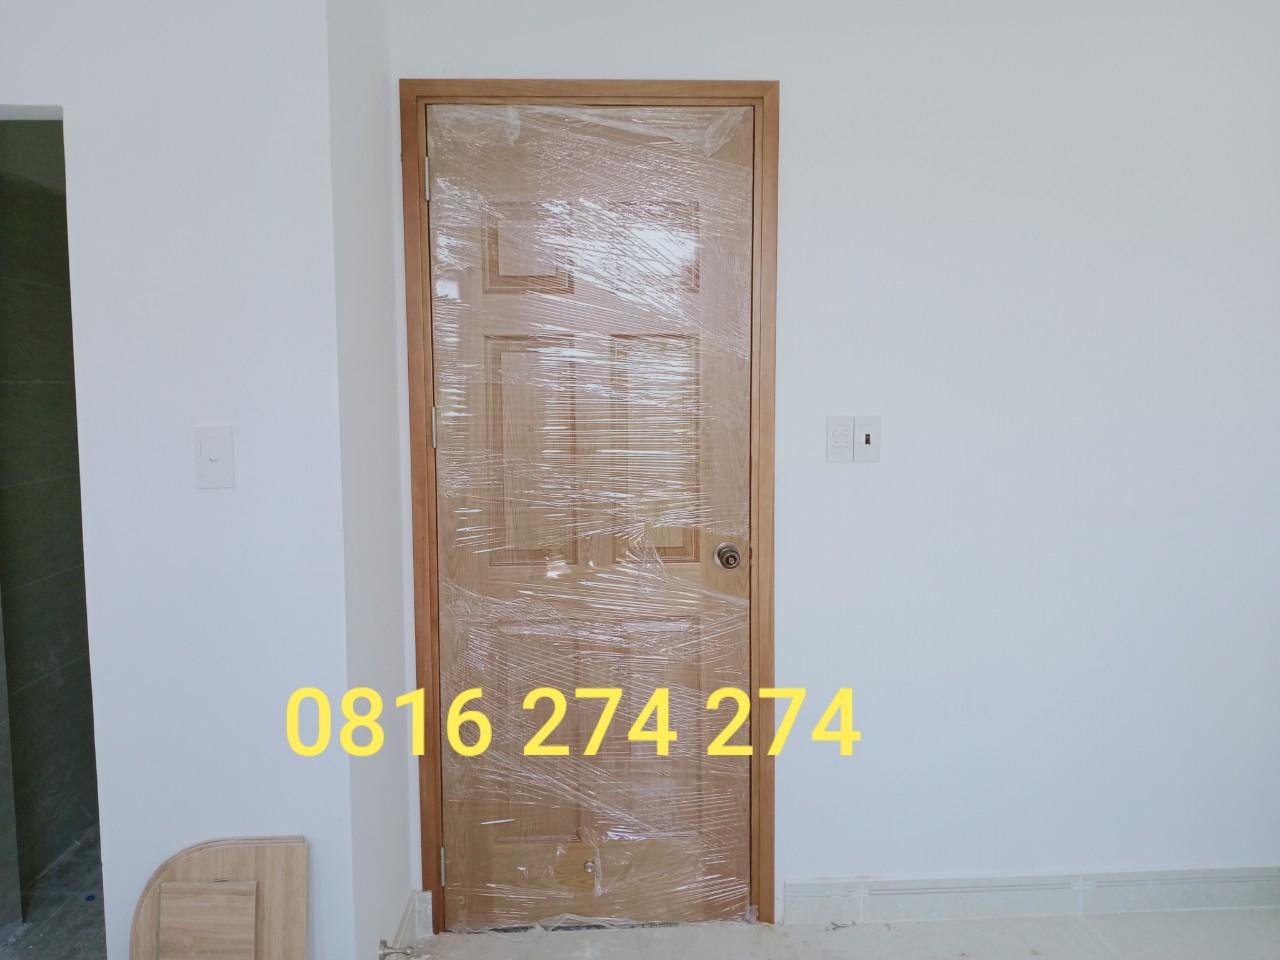 Cửa gỗ hdf veneer 6A